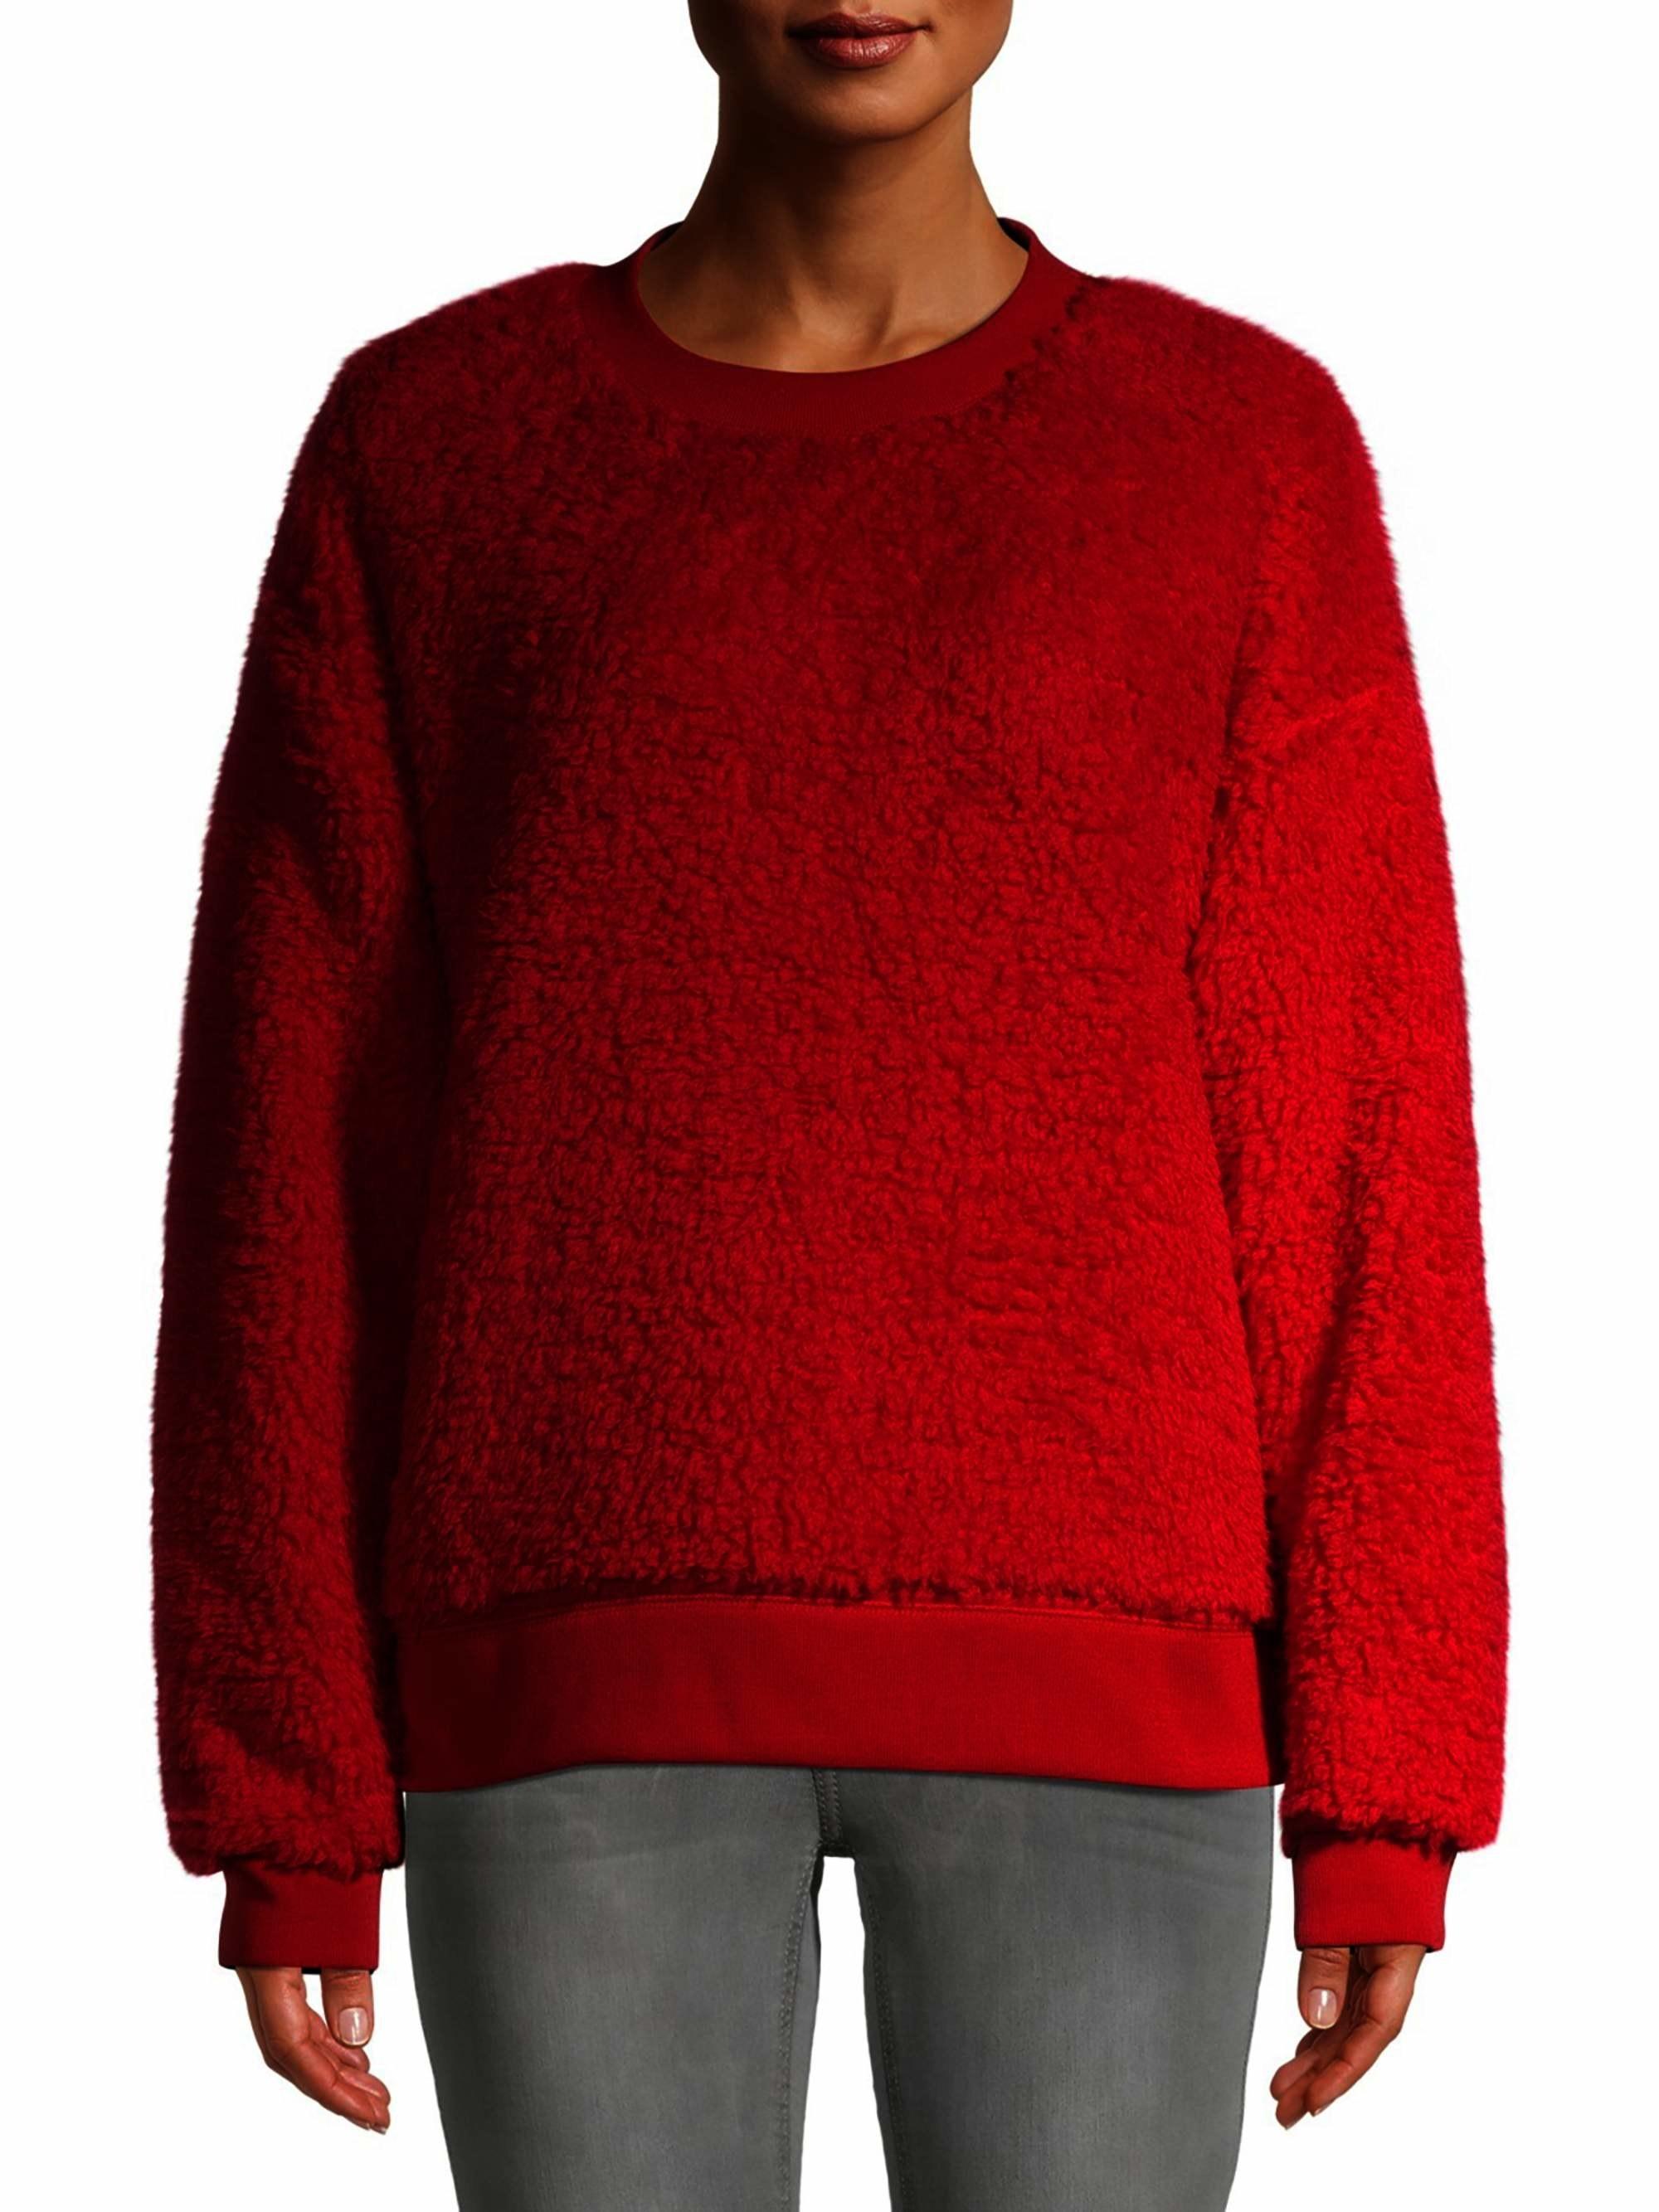 Model wearing fuzzy red sweater